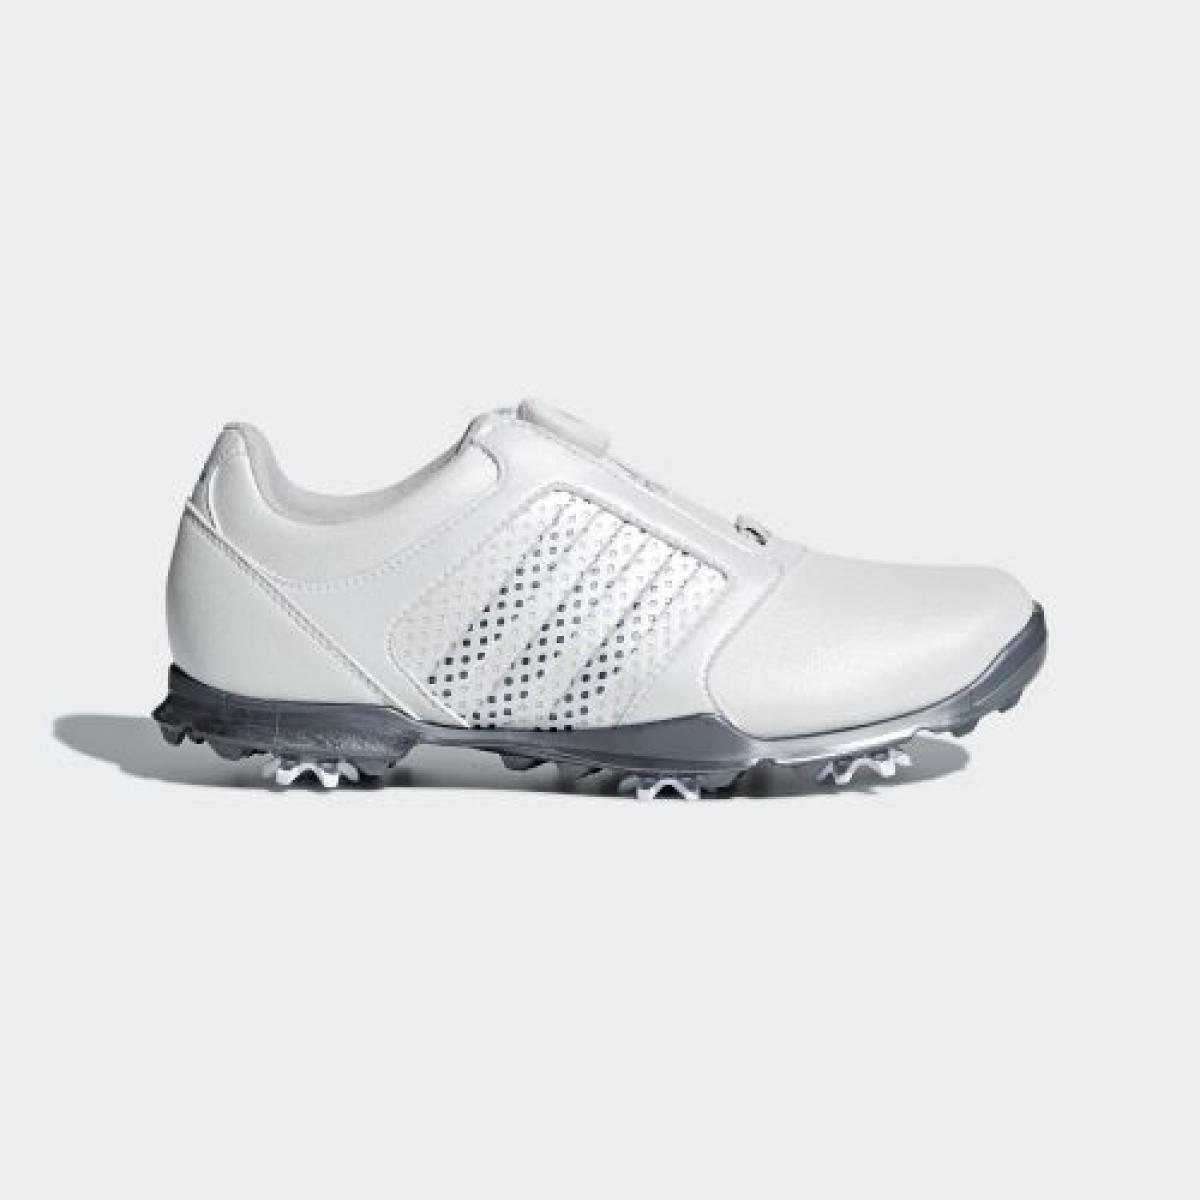 【公式】アディダス adidas ウィメンズ アディピュア ボア 【ゴルフ】 レディース F33639 ゴルフ シューズ 人工皮革・天然皮革 合成底